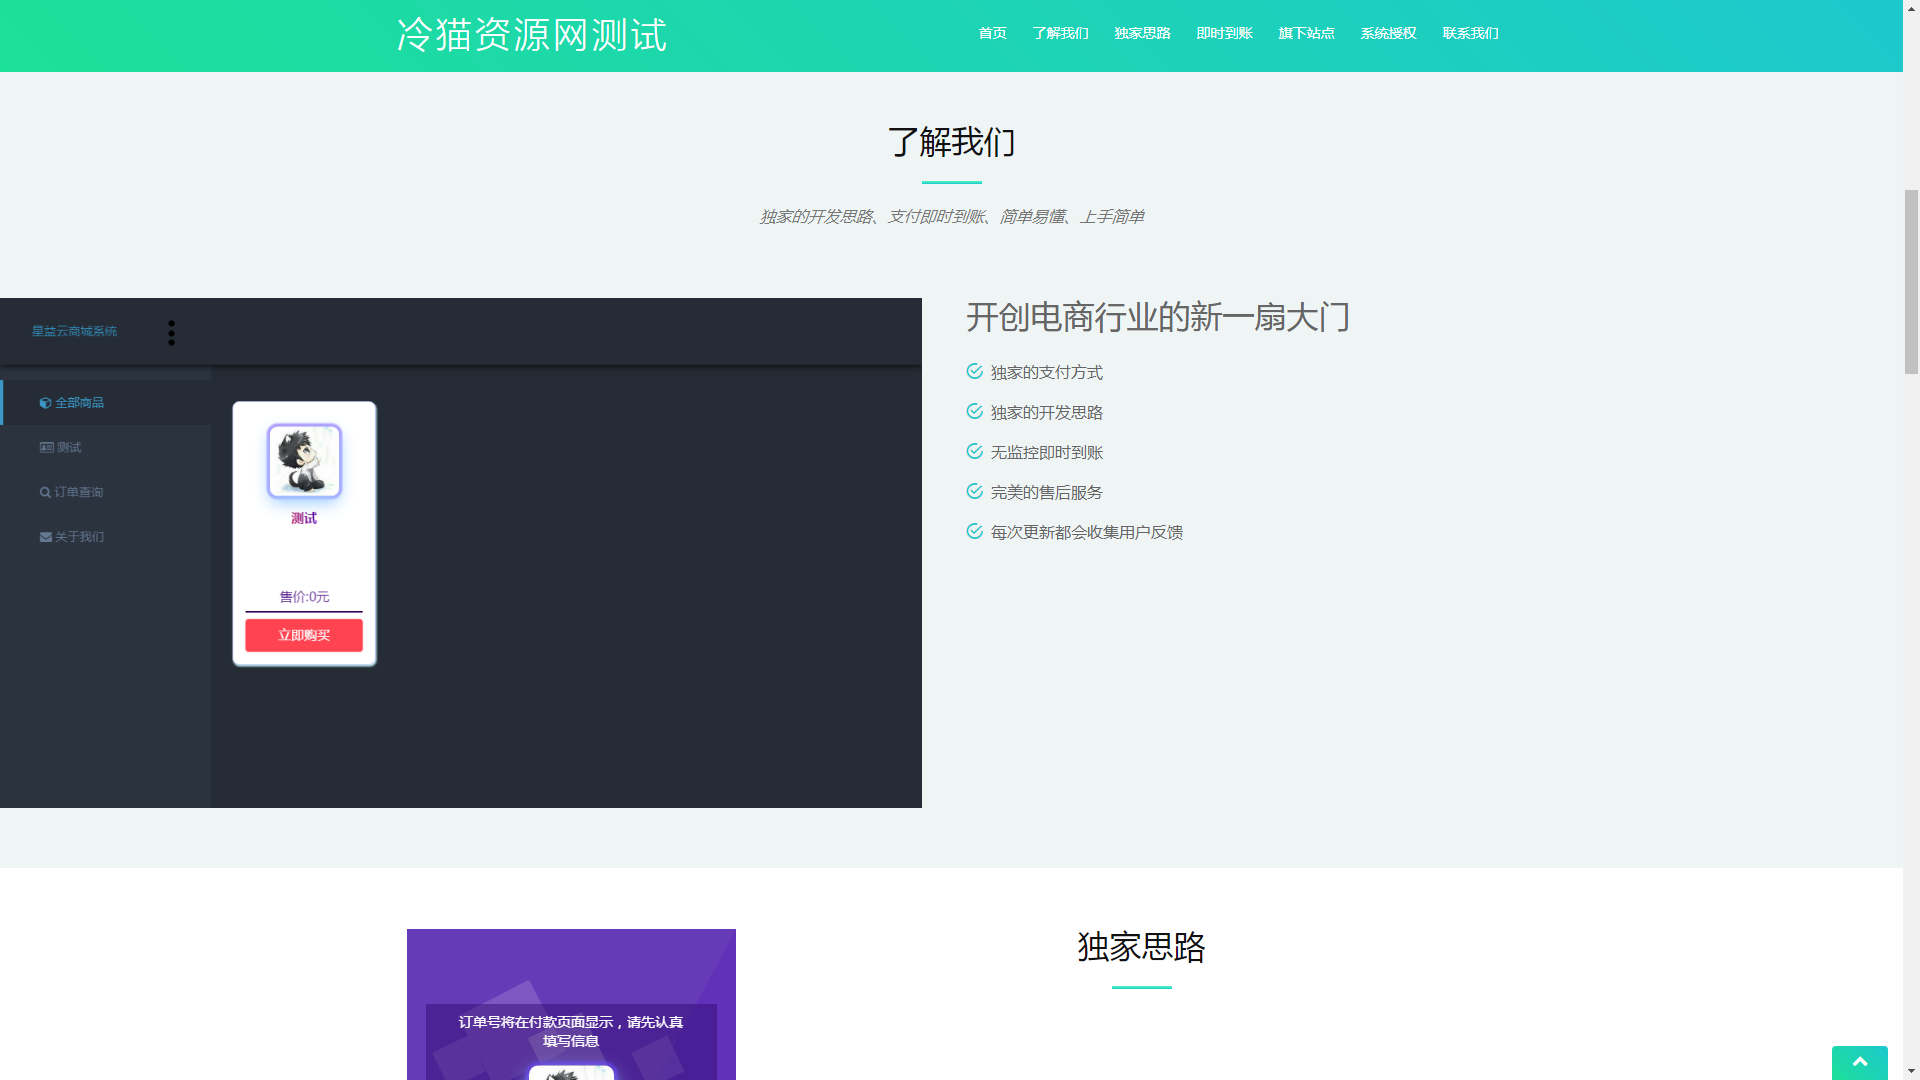 亲测 免费丨星益云商城HTML5官网首页项目介绍单页源码免费下载